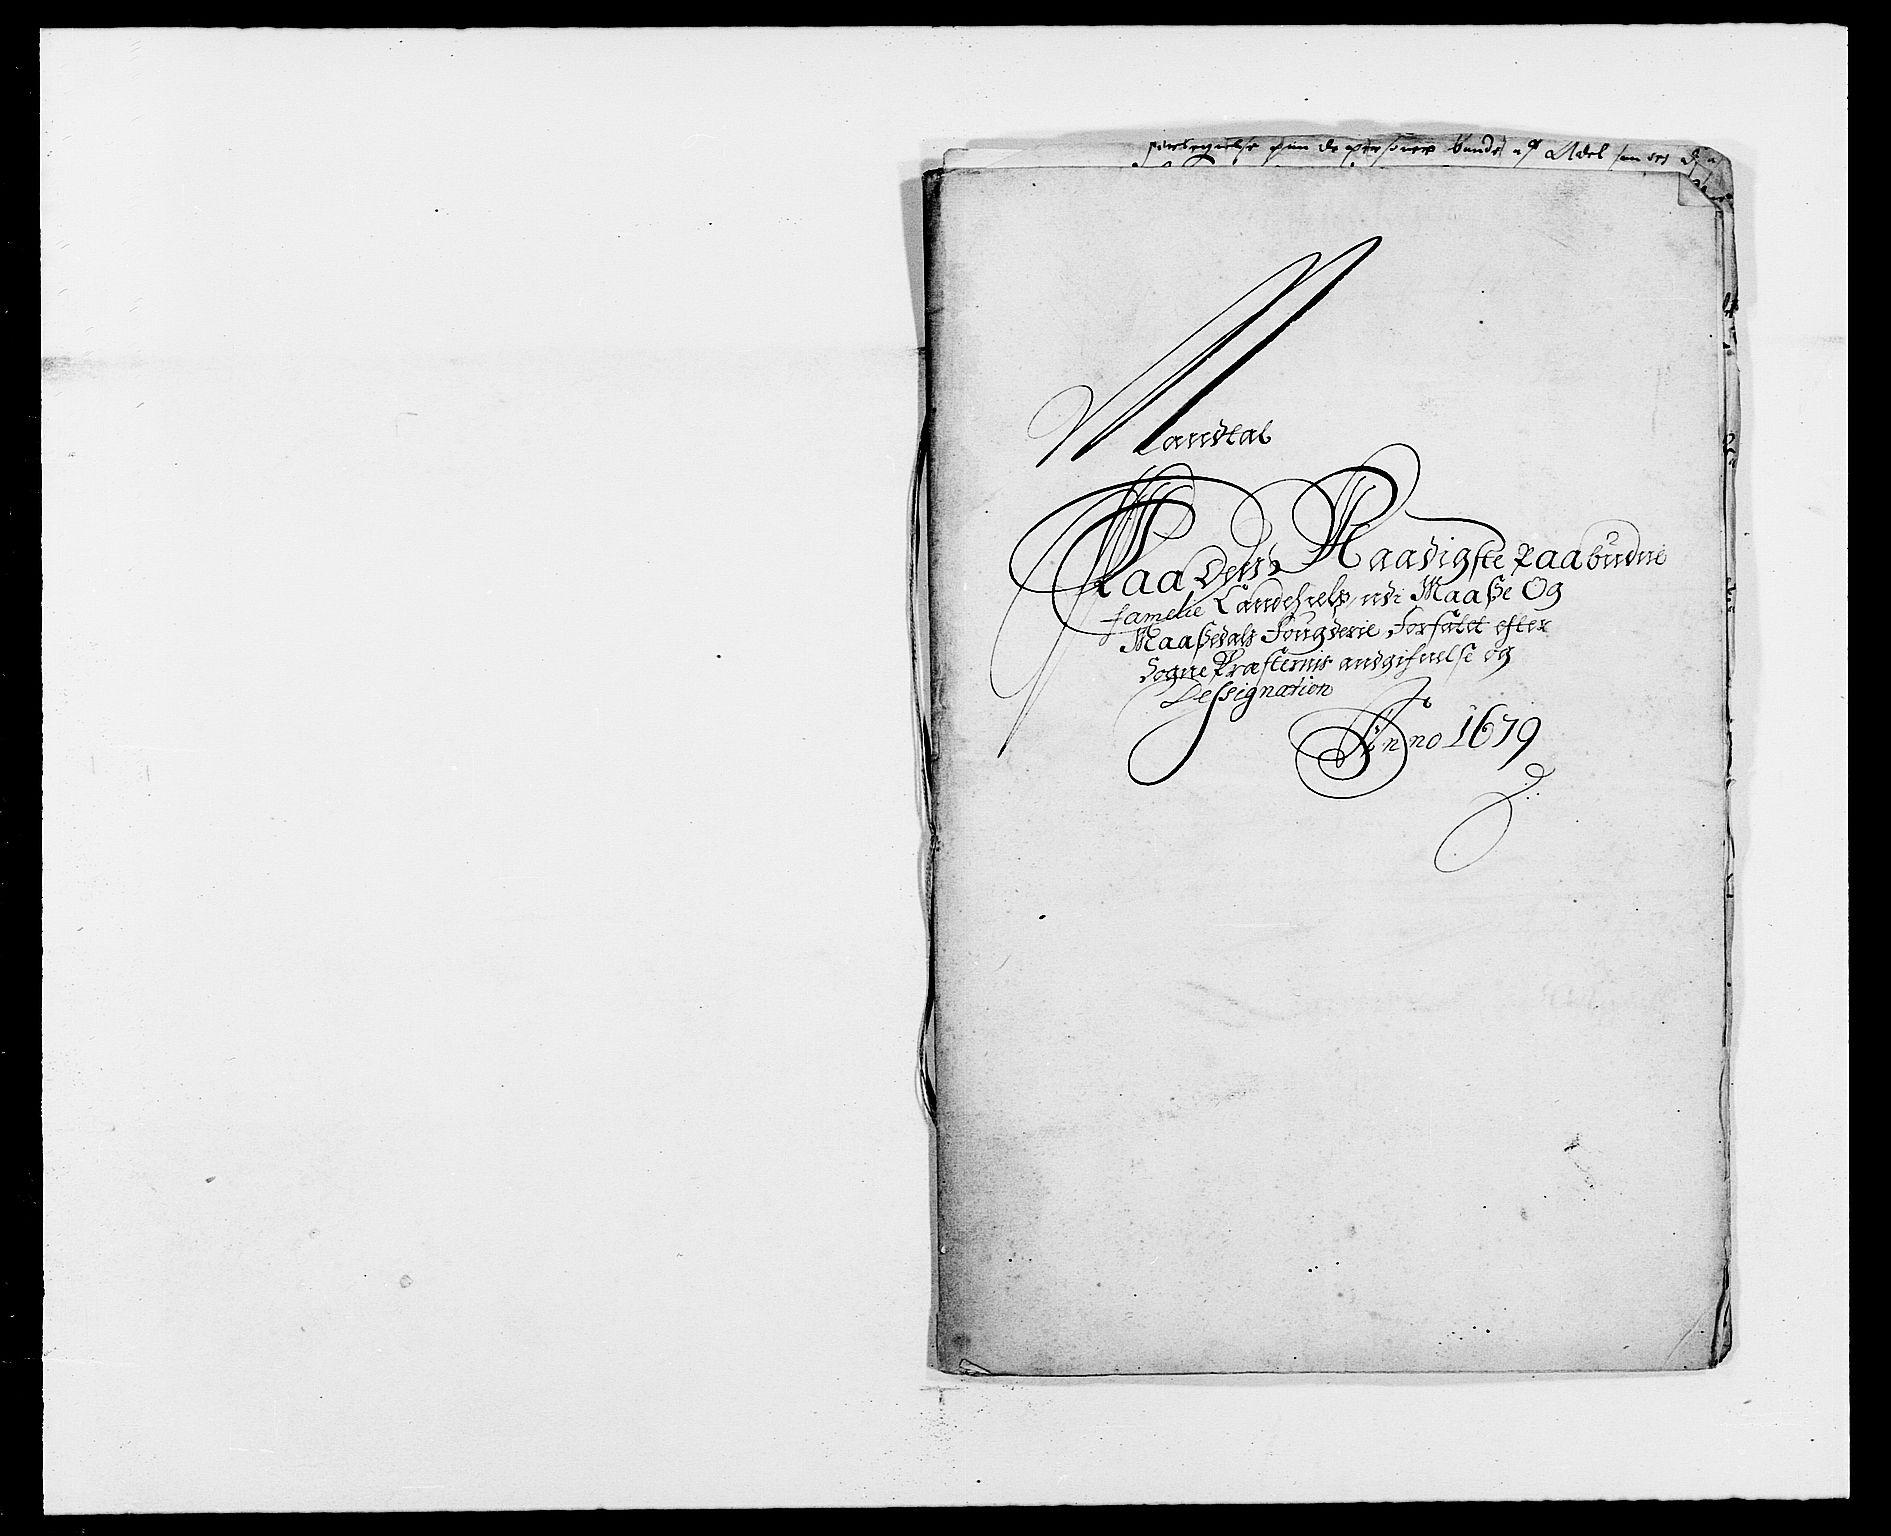 RA, Rentekammeret inntil 1814, Reviderte regnskaper, Fogderegnskap, R02/L0100: Fogderegnskap Moss og Verne kloster, 1679, s. 316